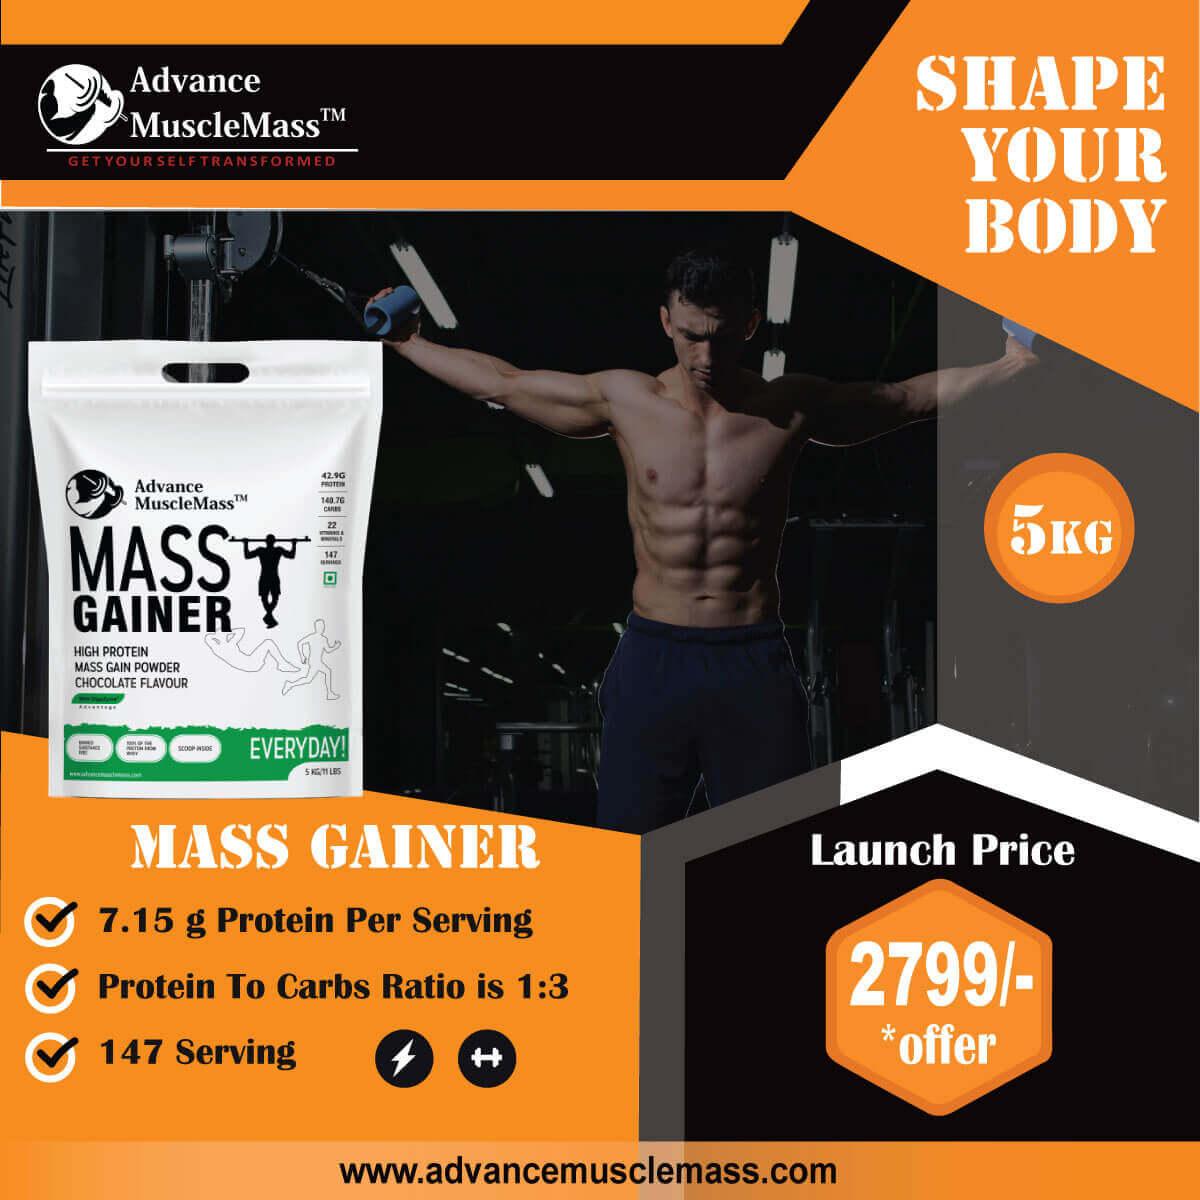 Advance Musclemass Banner